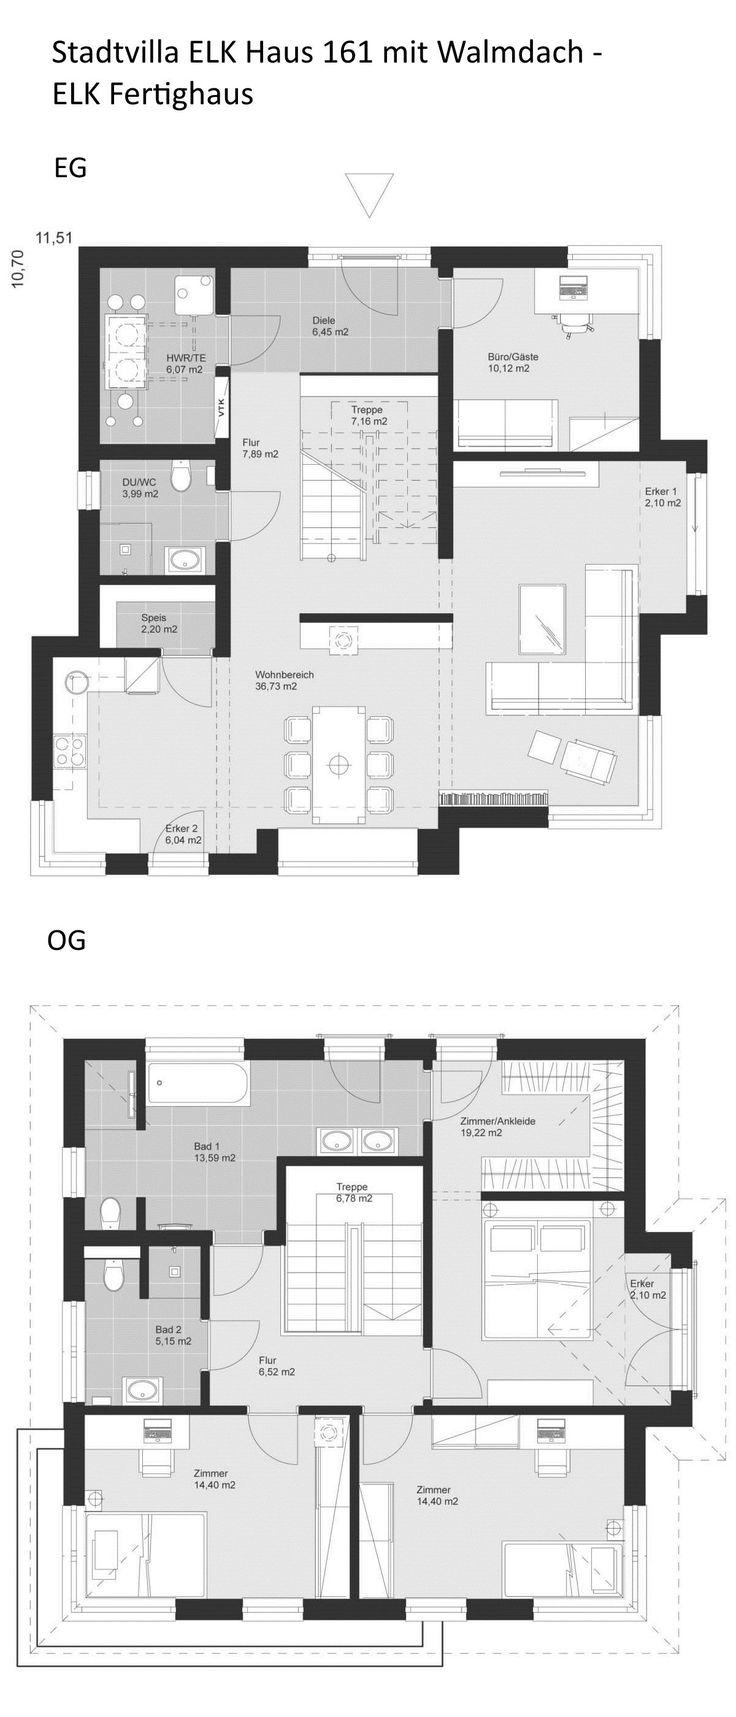 Grundriss Stadtvilla modern mit Walmdach Architekt…